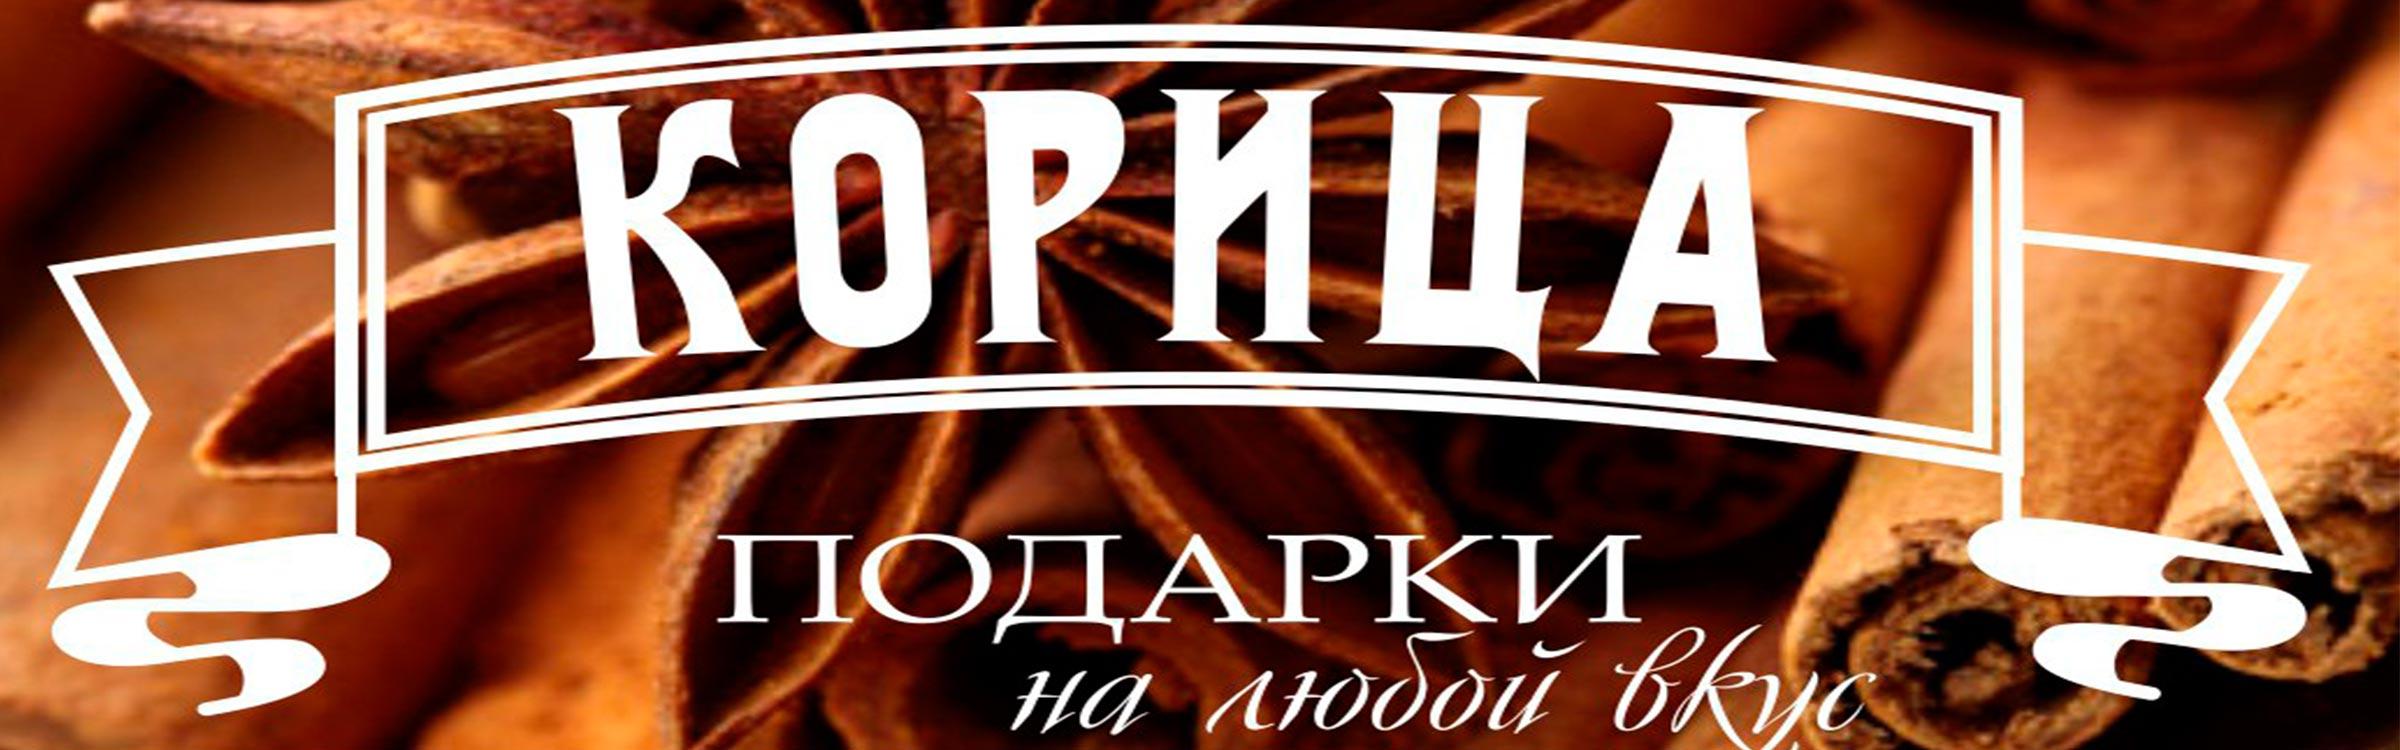 Вкусные подарки 'Корица - Вкусные подарки' в Смоленске. Главная страница